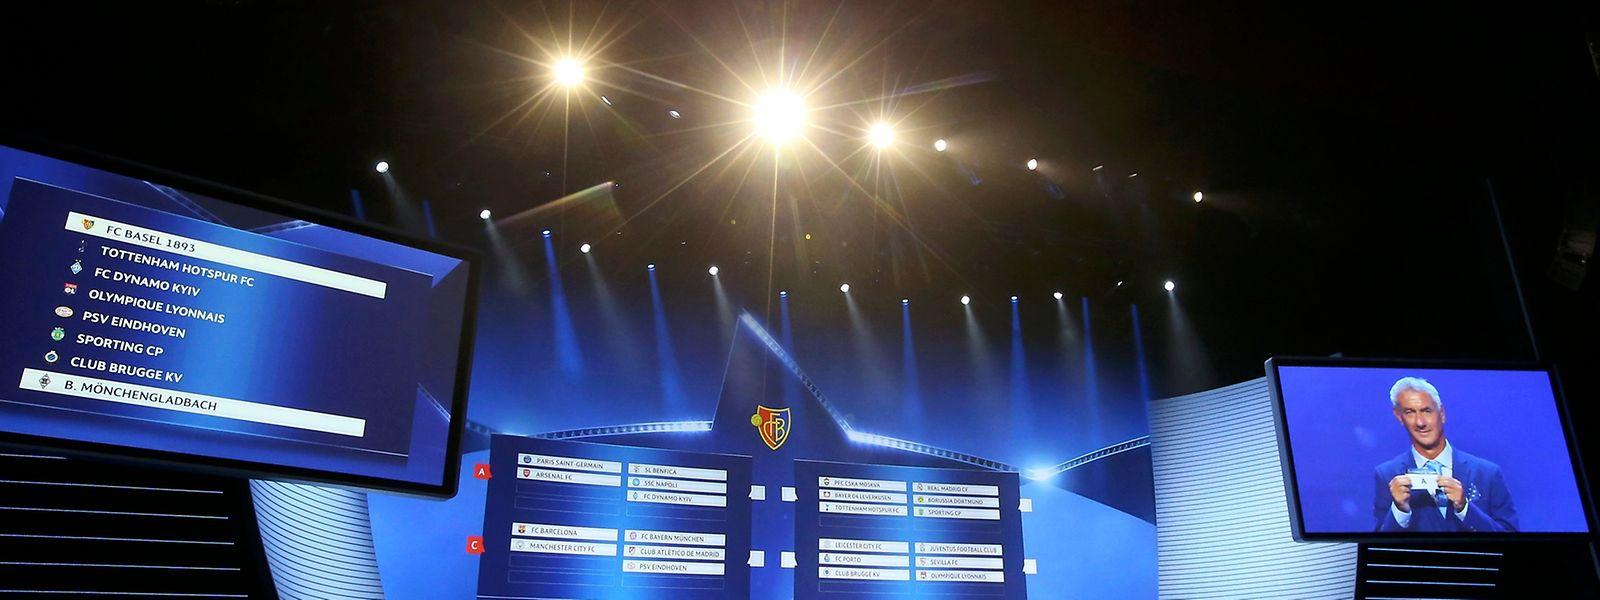 Die Auslosung fand am Donnerstag in Monaco statt.